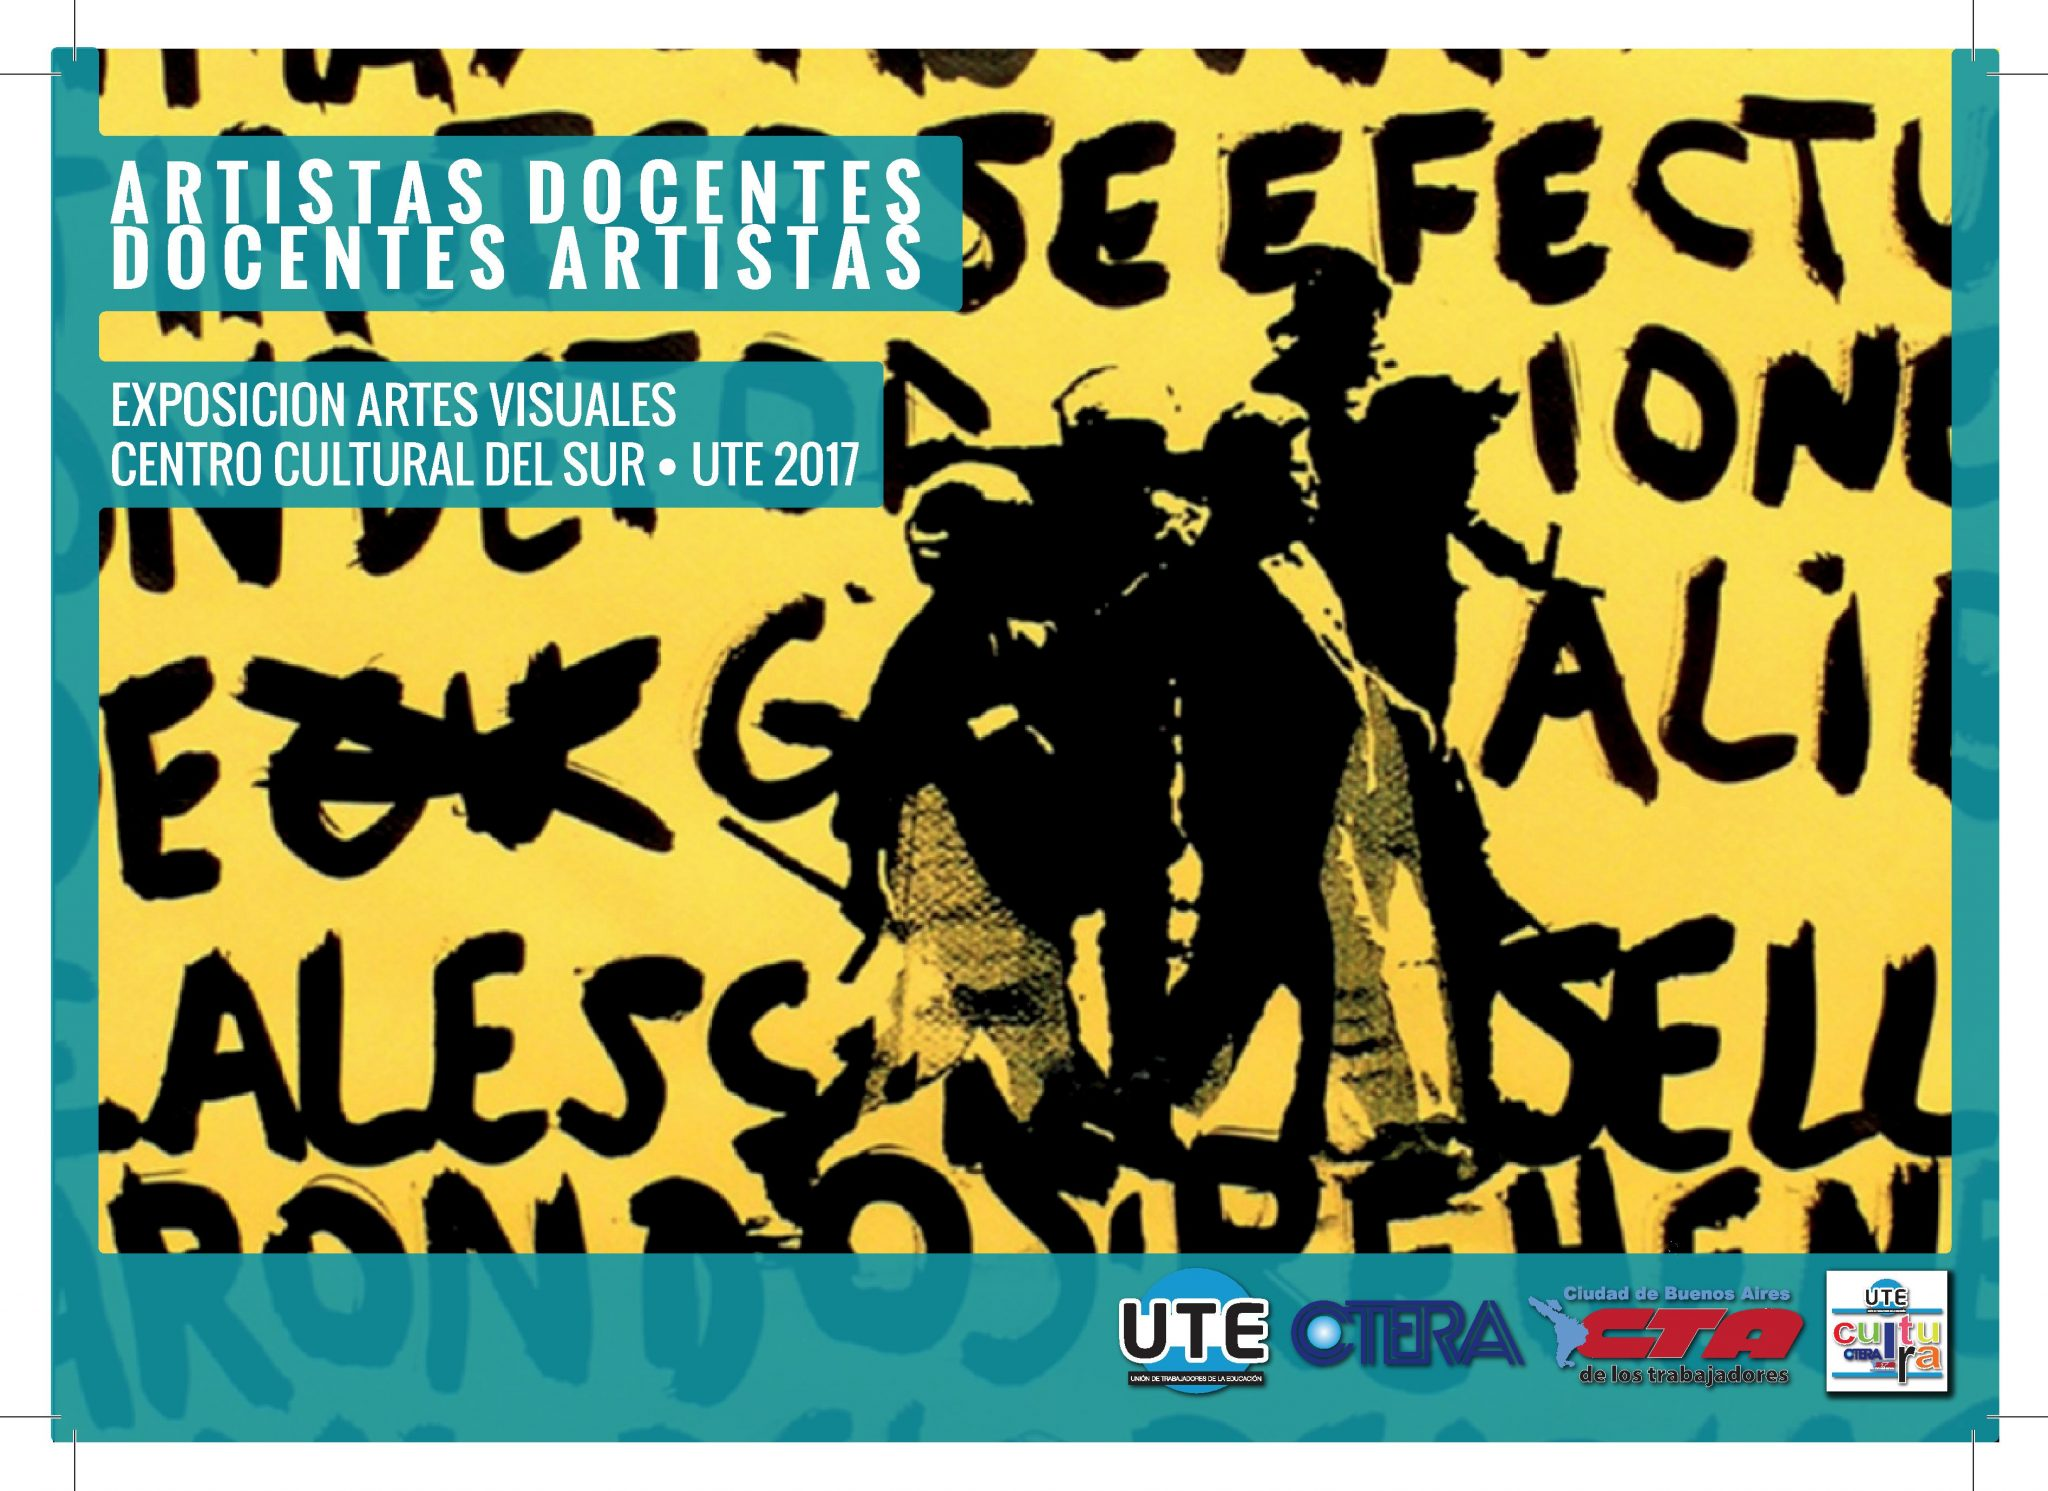 Exposicion Artes Visuales. Centro Cultural Del Sur. UTE - 2017